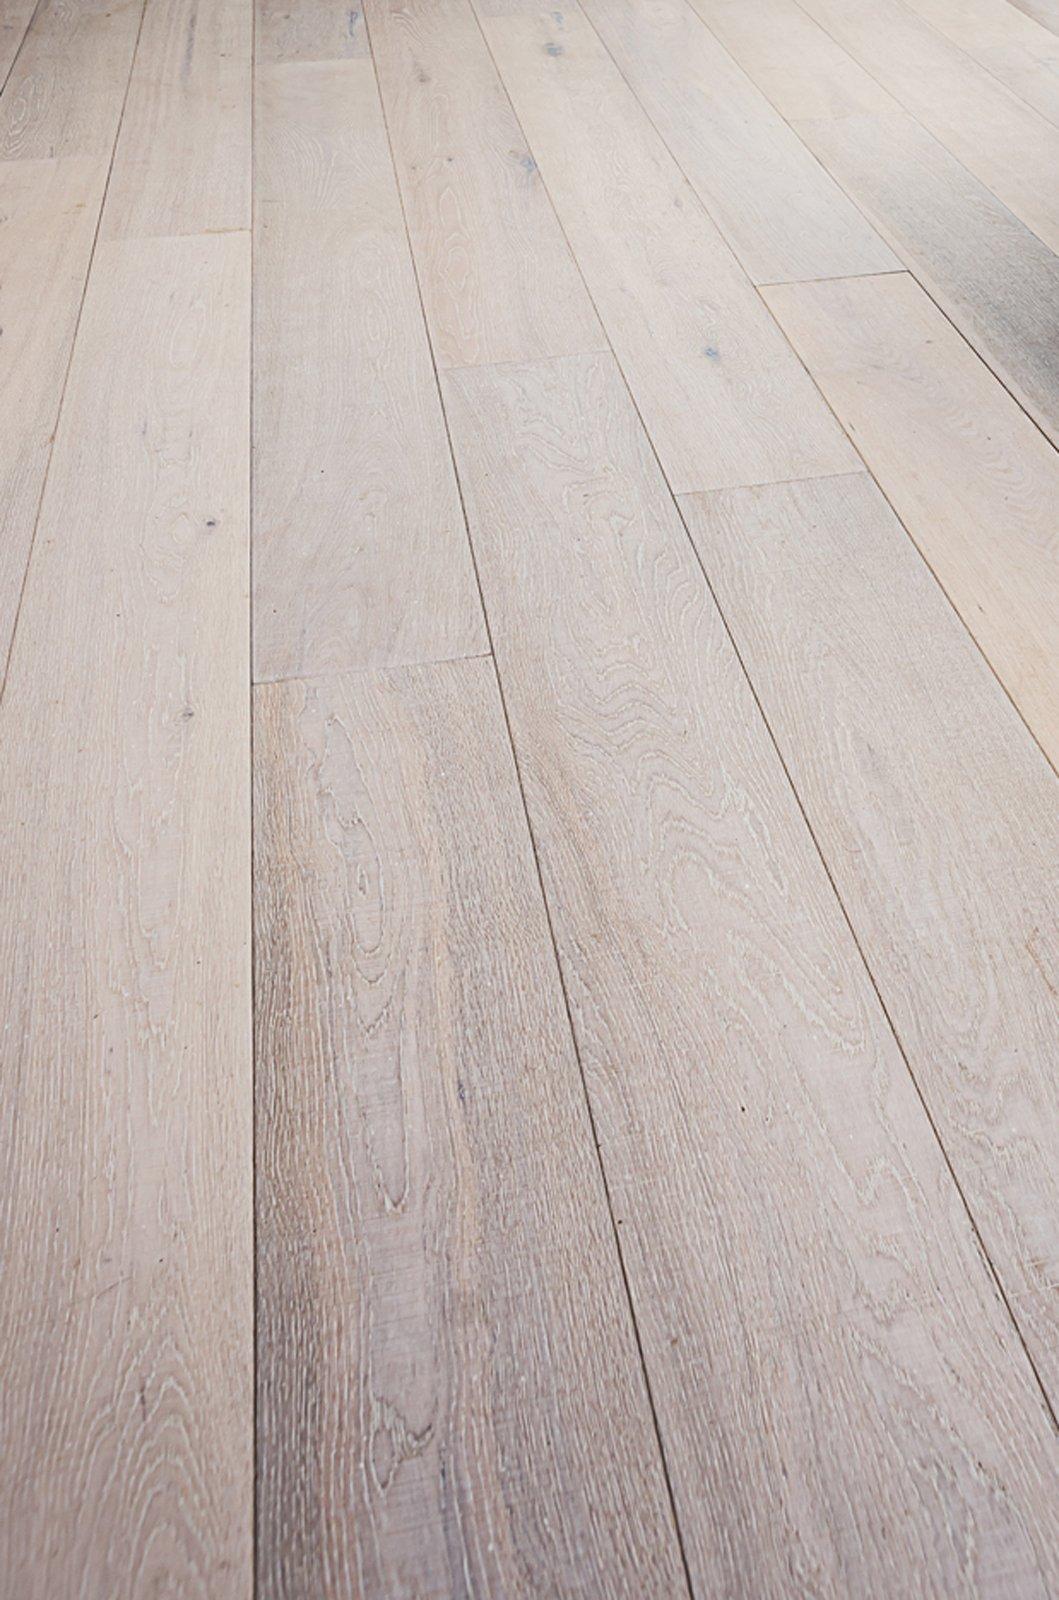 Stile vintage un 39 impronta particolare cose di casa for Pavimenti ikea legno